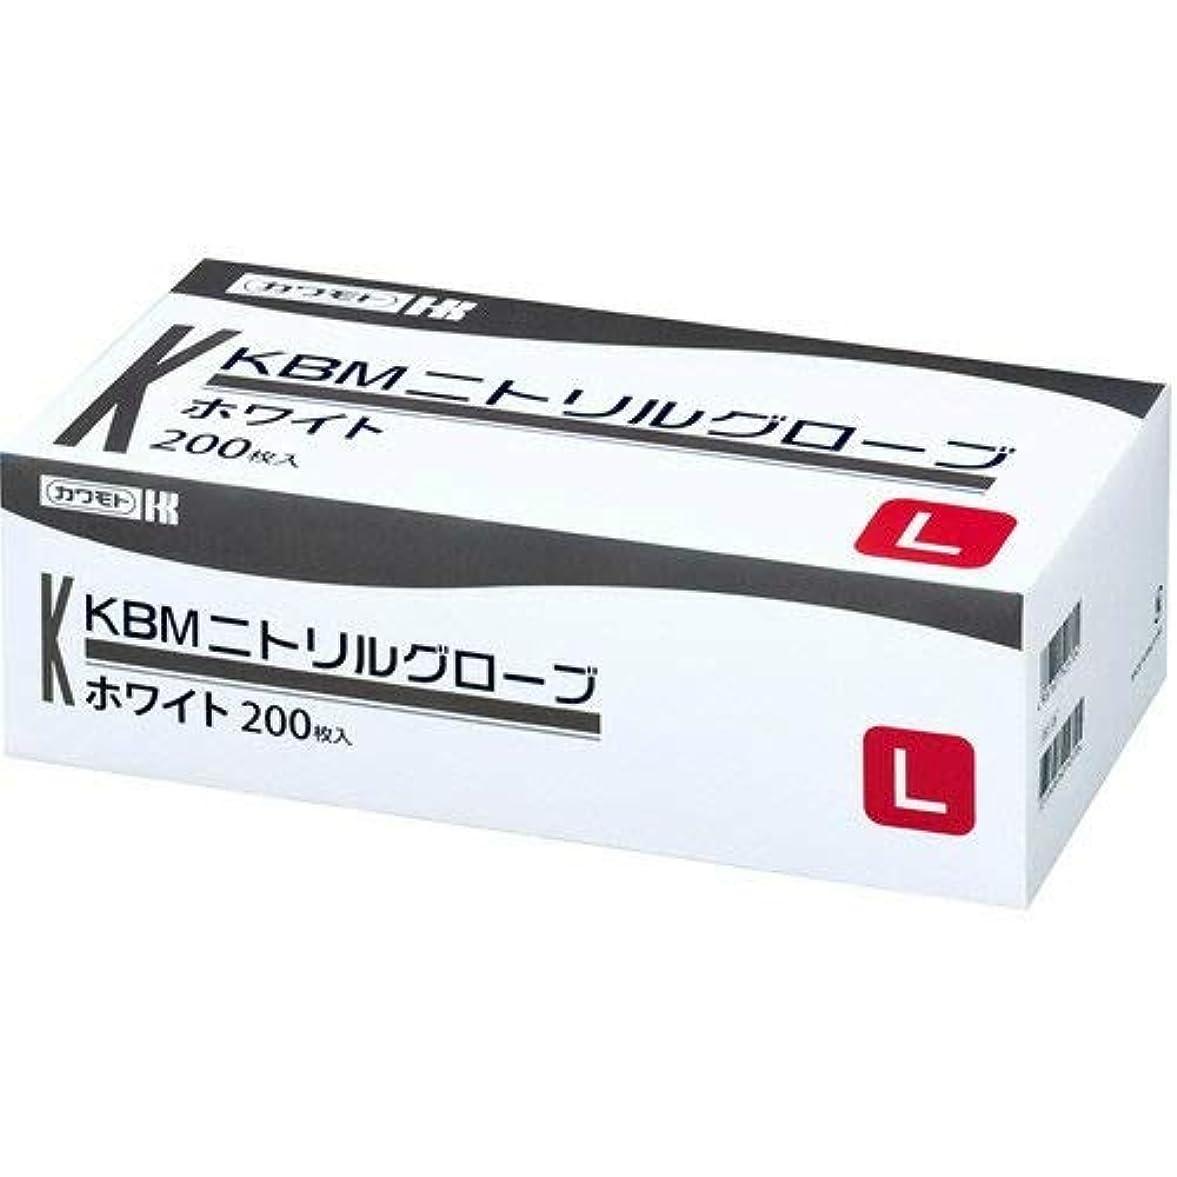 第三くちばしカート川本産業 カワモト ニトリルグローブ ホワイト L 200枚入